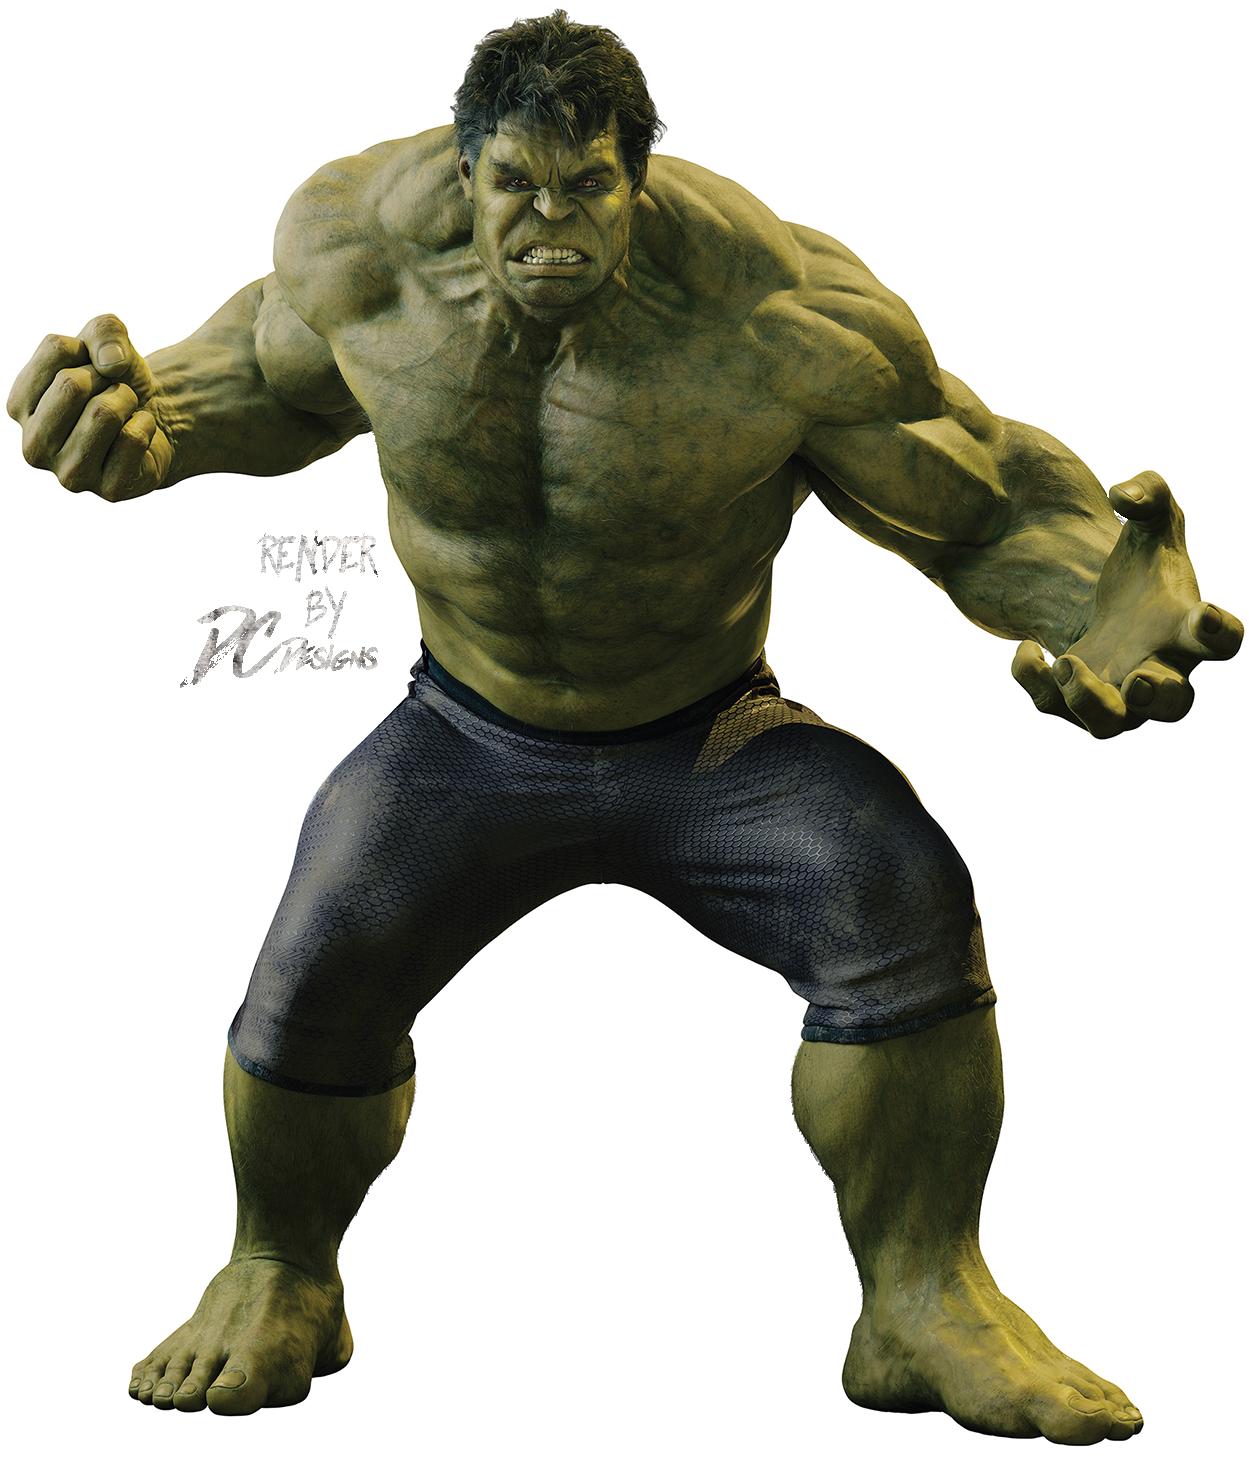 Hulk clipart renders. Render by dc designs